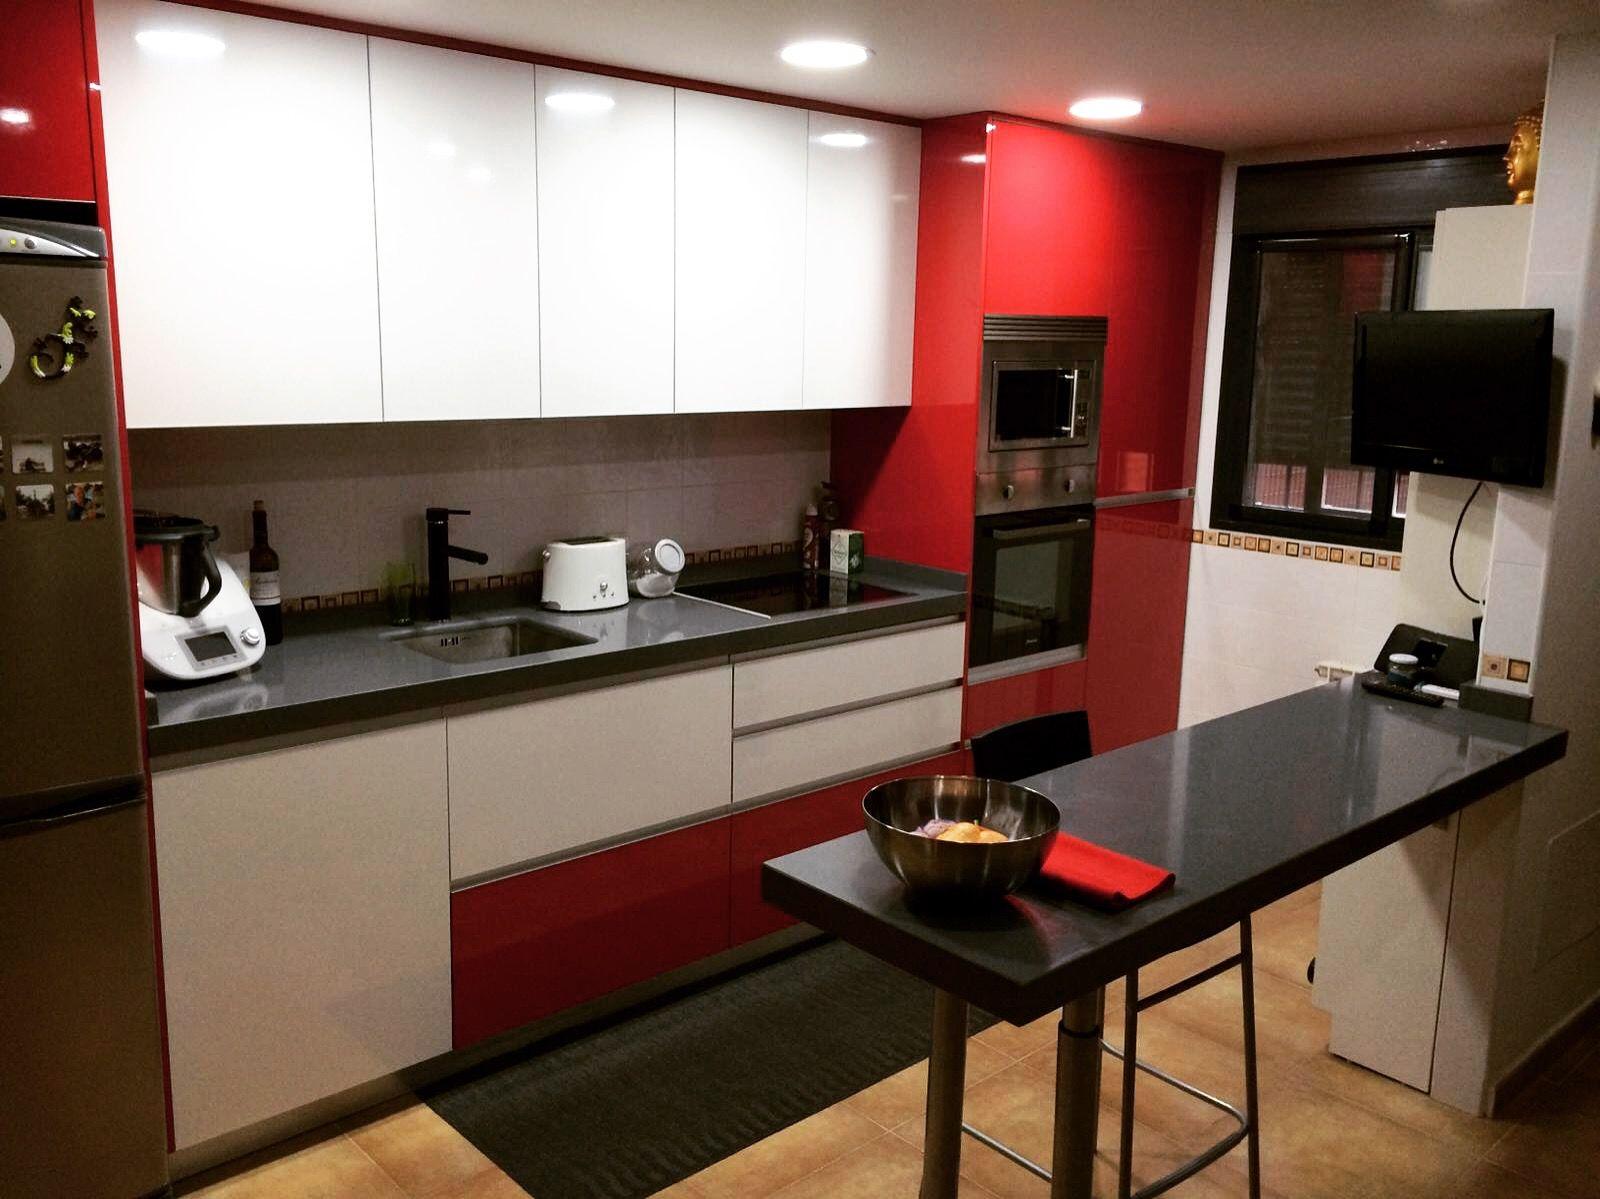 Cocina moderna sin tiradores en blanco y rojo brillo for Cocina salon espacio abierto